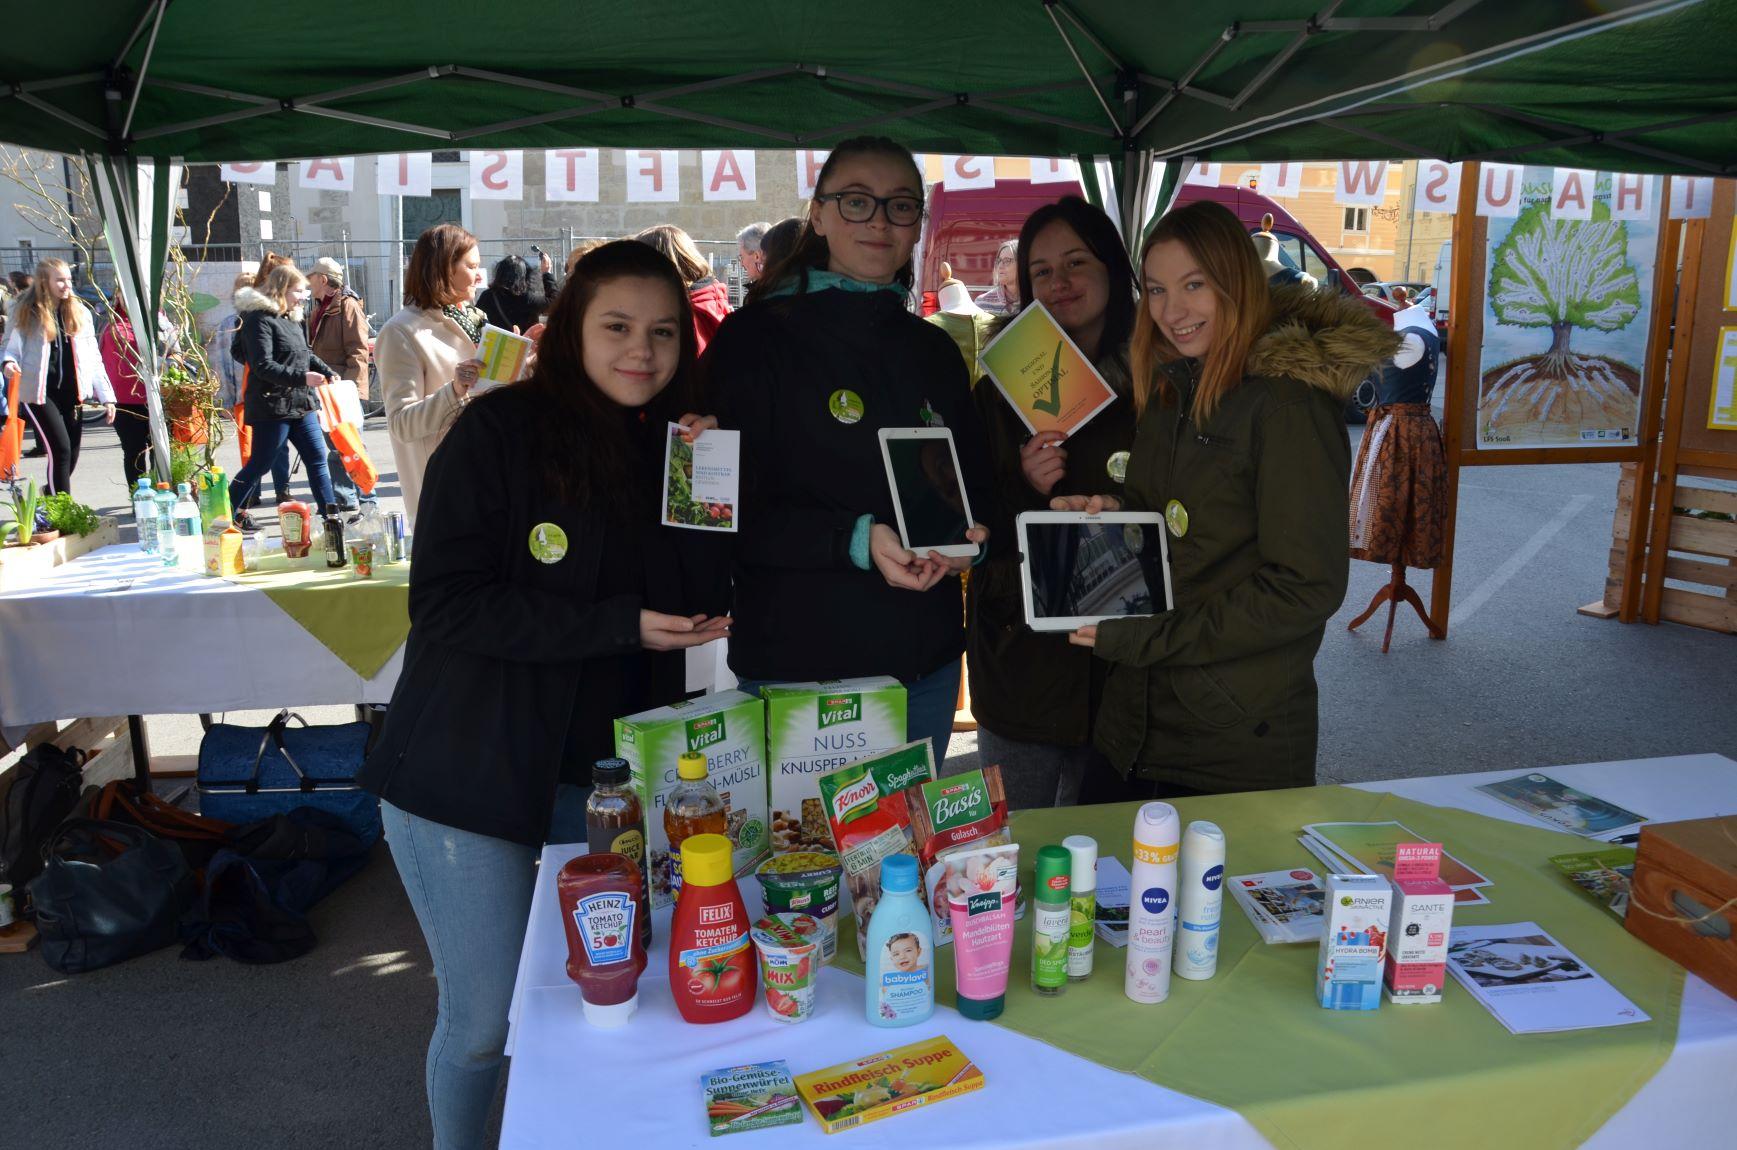 Bewusst einkaufen - gesund und nachhaltig essen 2